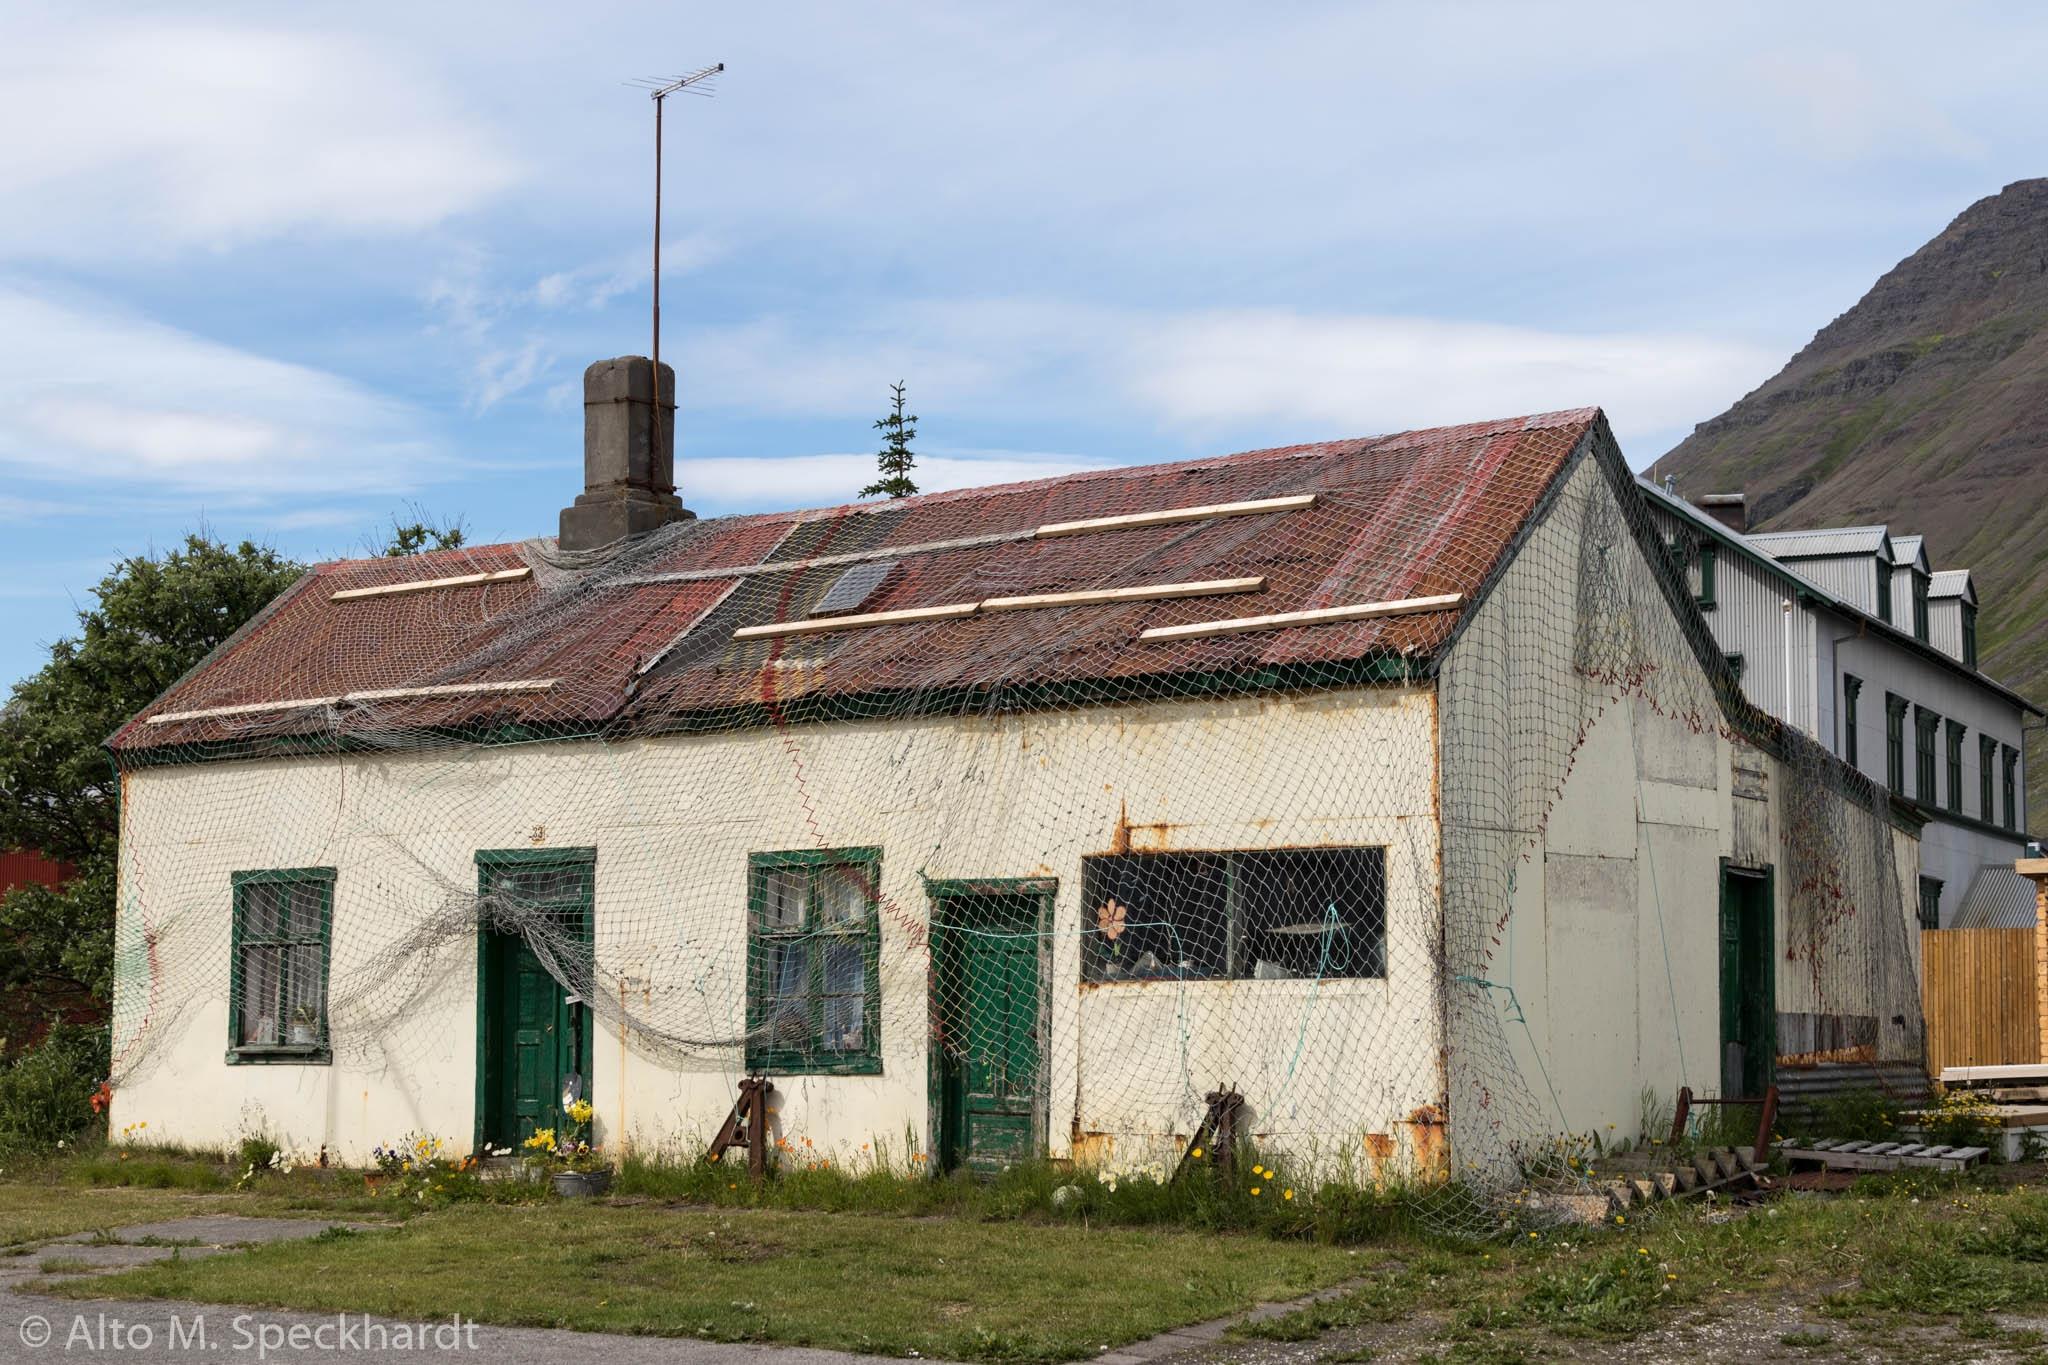 Haus mit Fischernetz in Isafjördur